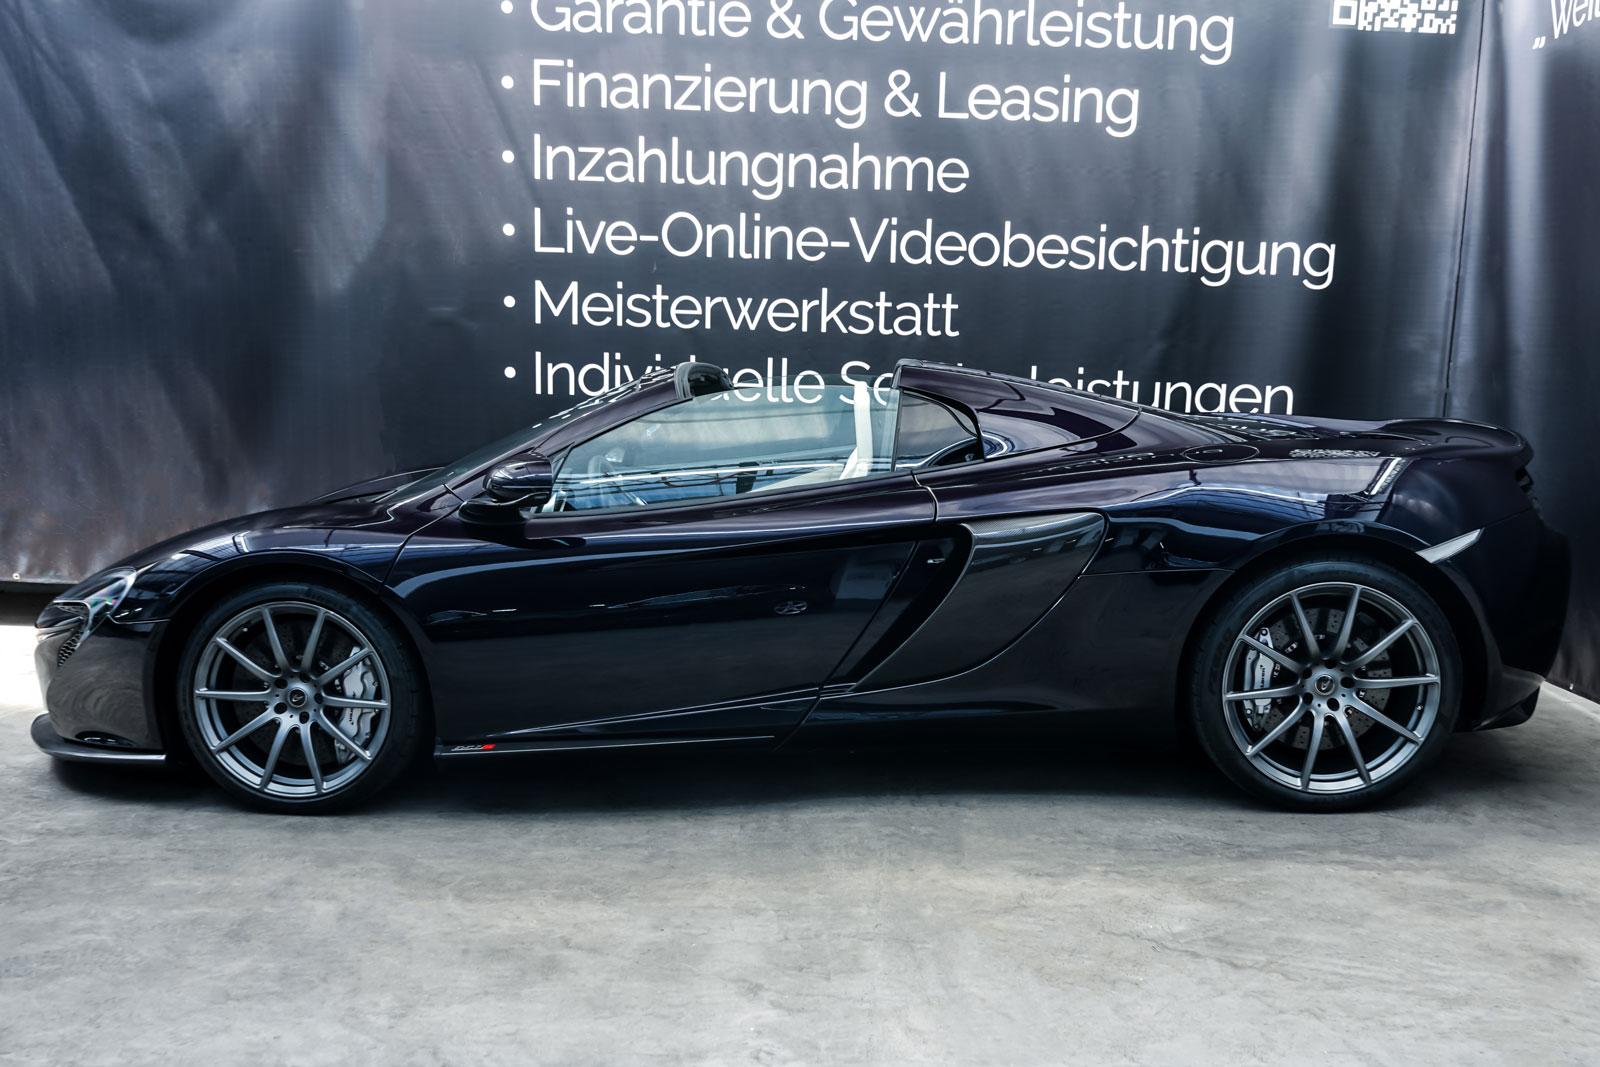 McLaren_650S_Spider_Schwarz_Weiß_MCL-6007_6_w